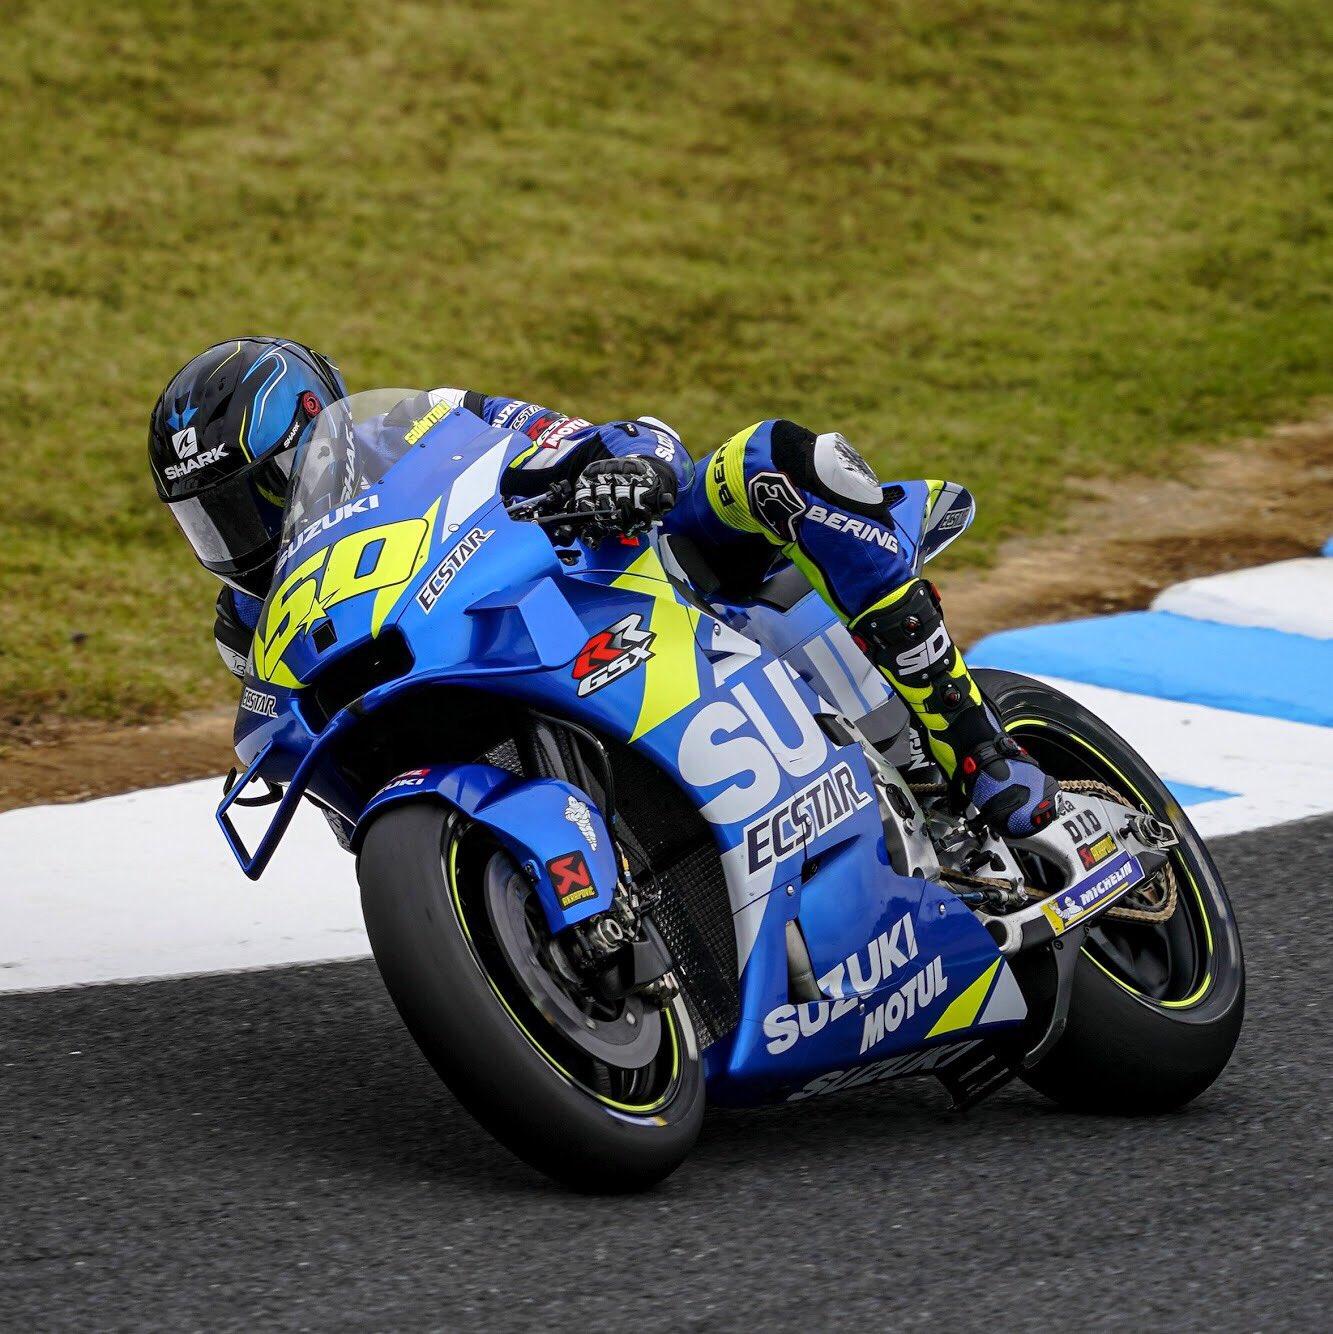 Apes, Penampilan Impresif Pebalap Suzuki di MotoGP Jepang Berbuah Diskualifikasi